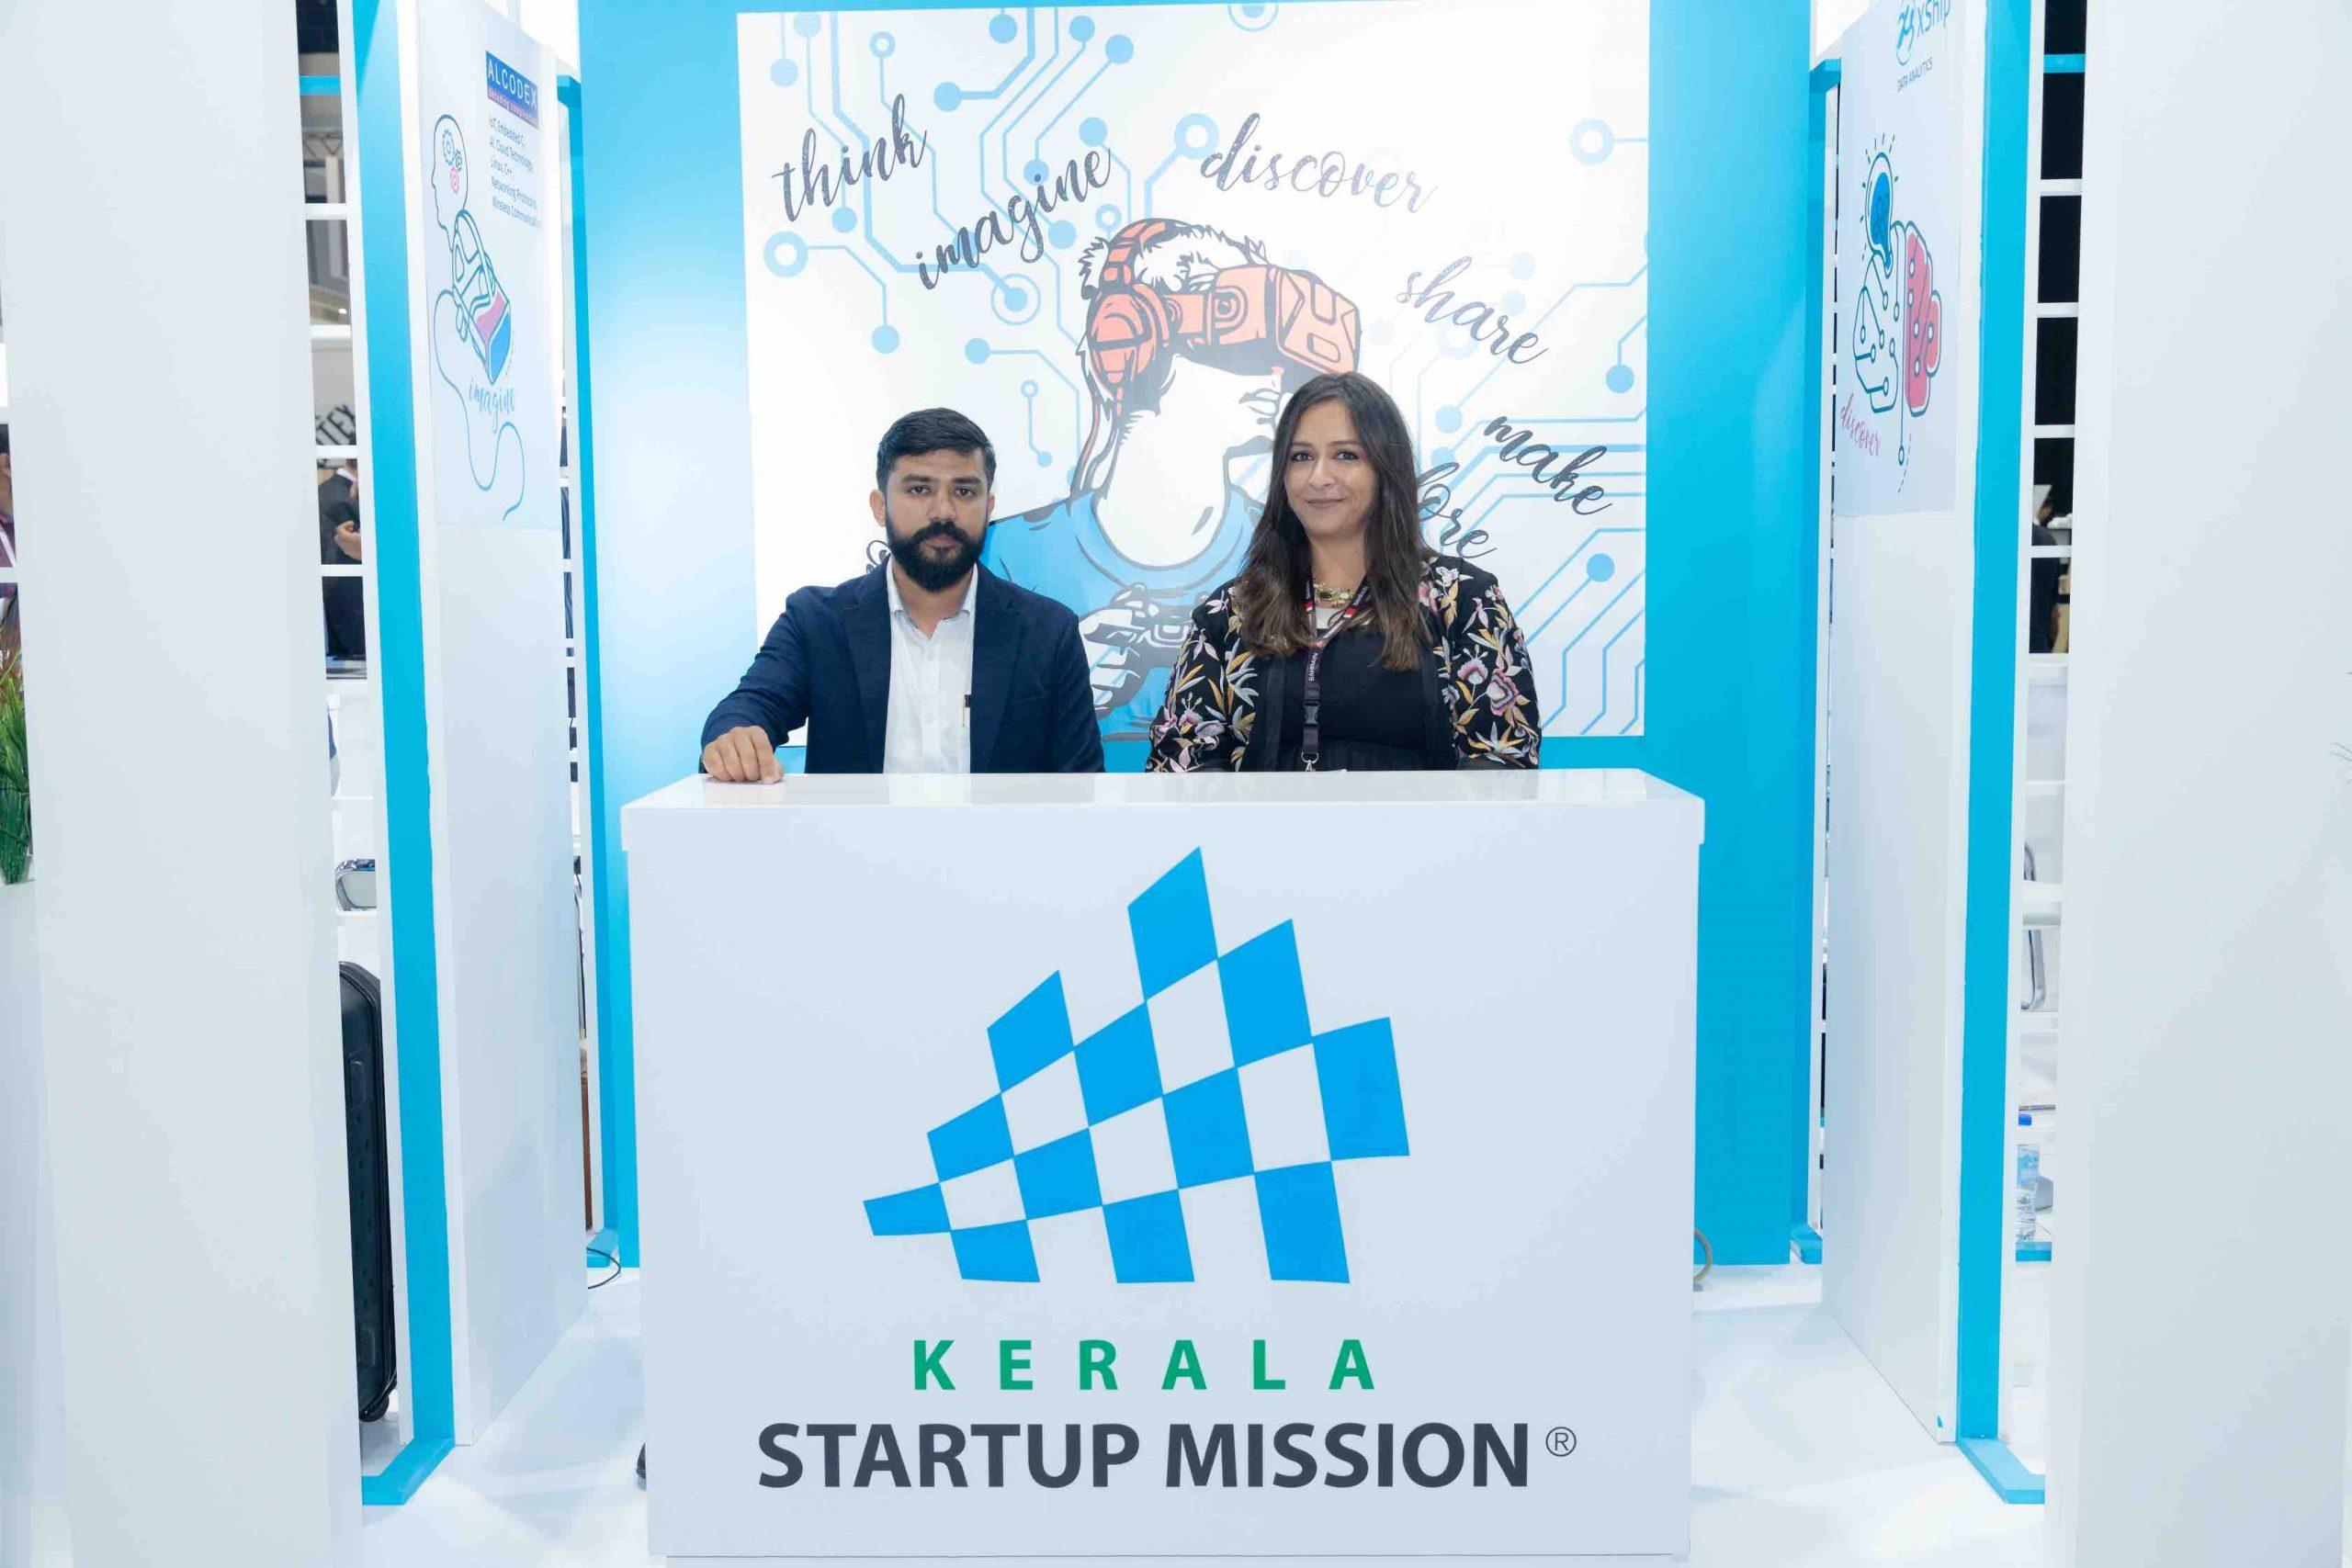 تعاون بحريني هندي في المشاريع الناشئة للتكنولوجيا المالية وتكنولوجيا المعلومات والاتصالات وإنترنت الأشياء